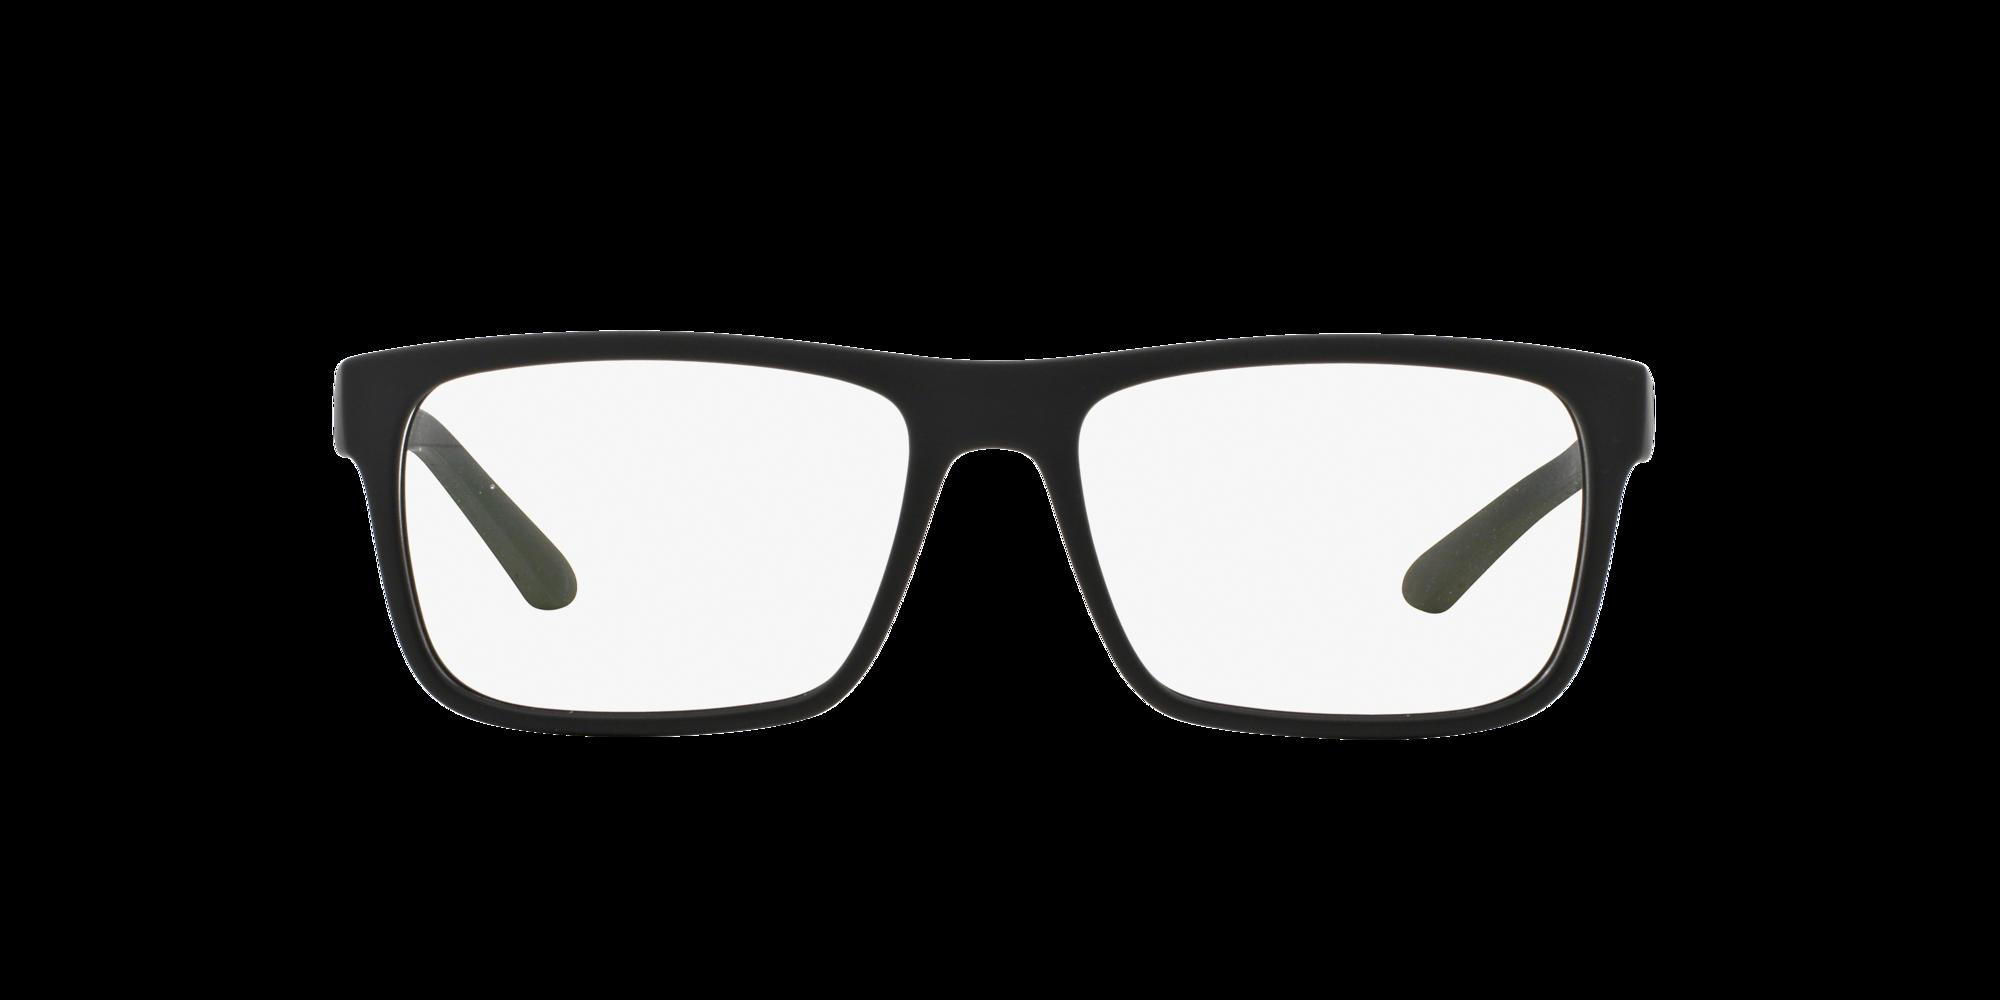 Imagen para AR7042 de LensCrafters |  Espejuelos, espejuelos graduados en línea, gafas